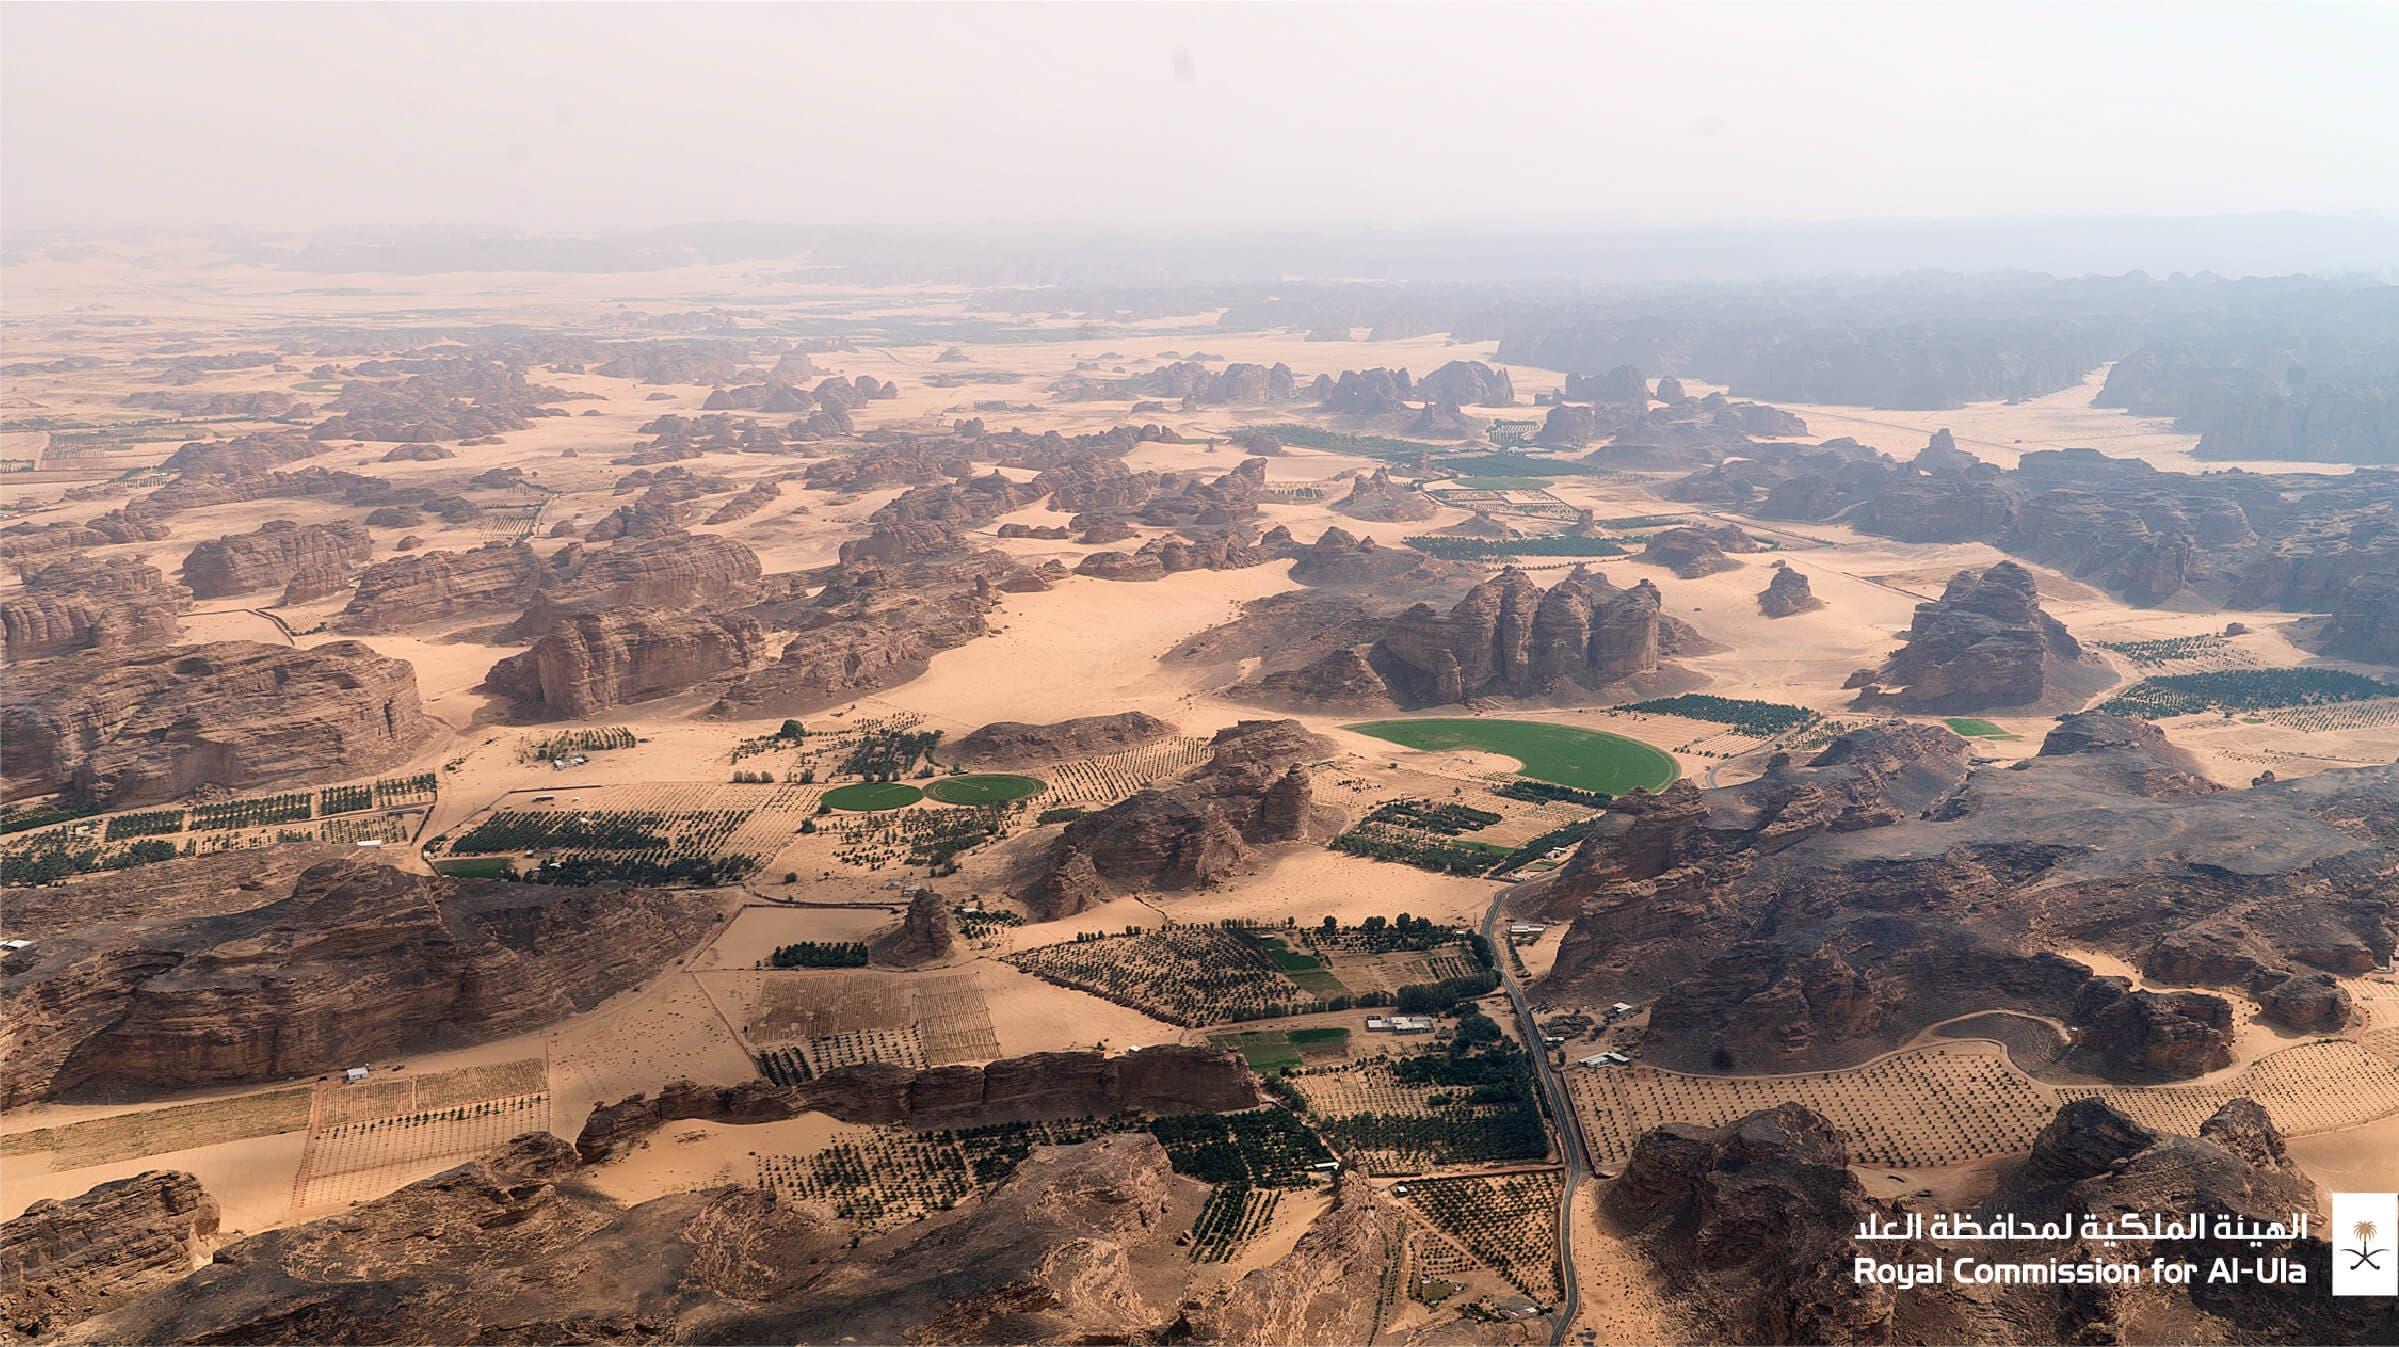 Saudi Arabia's al-Ula. (RCU)